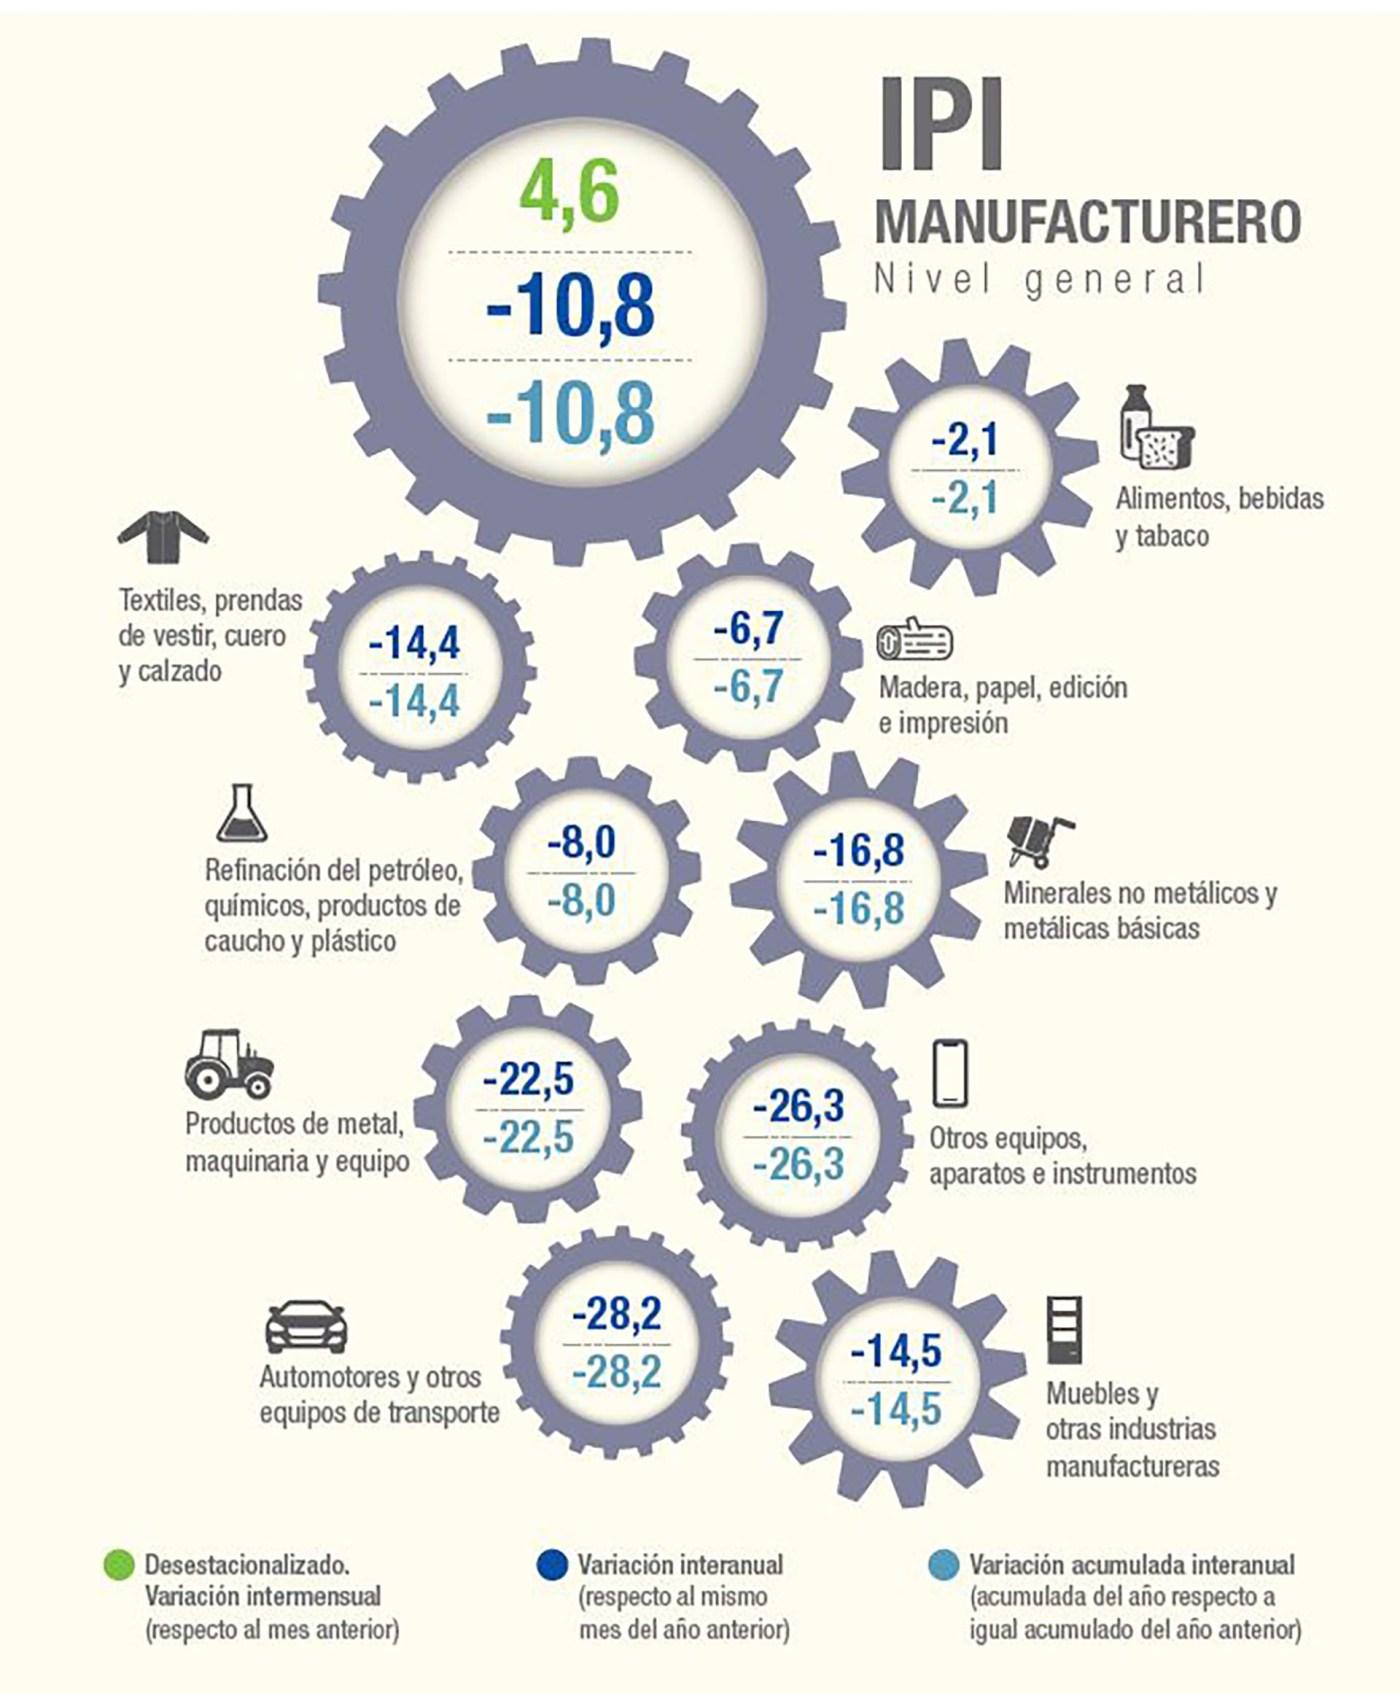 El Indec es uno de los organismos oficiales que más utiliza los porcentajes para explicar la variación de los indicadores de actividad, empleo, comercio exterior y cuentas nacionales